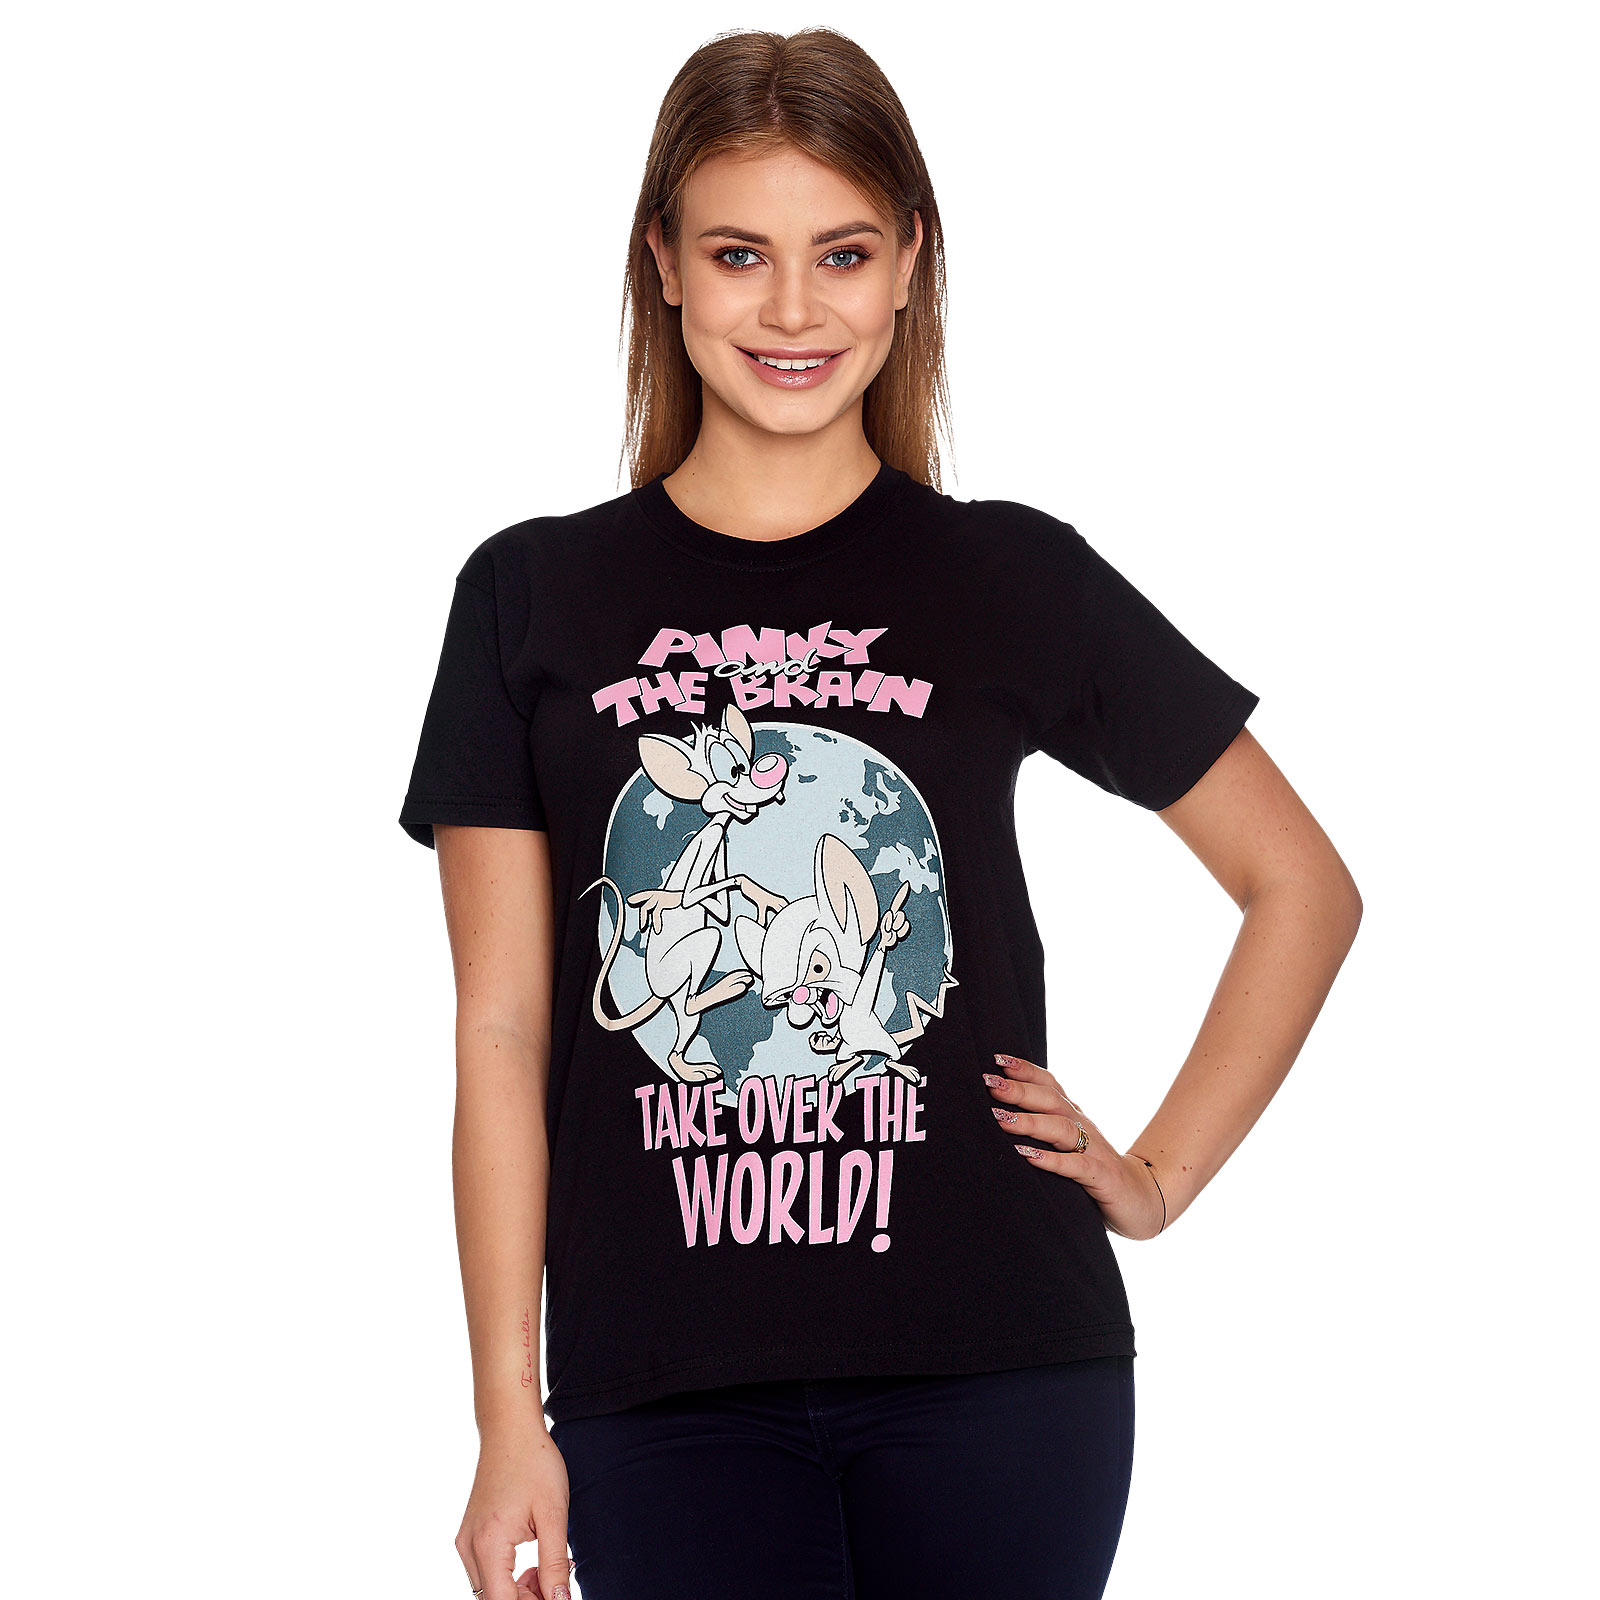 Pinky und der Brain - Take Over The World T-Shirt schwarz